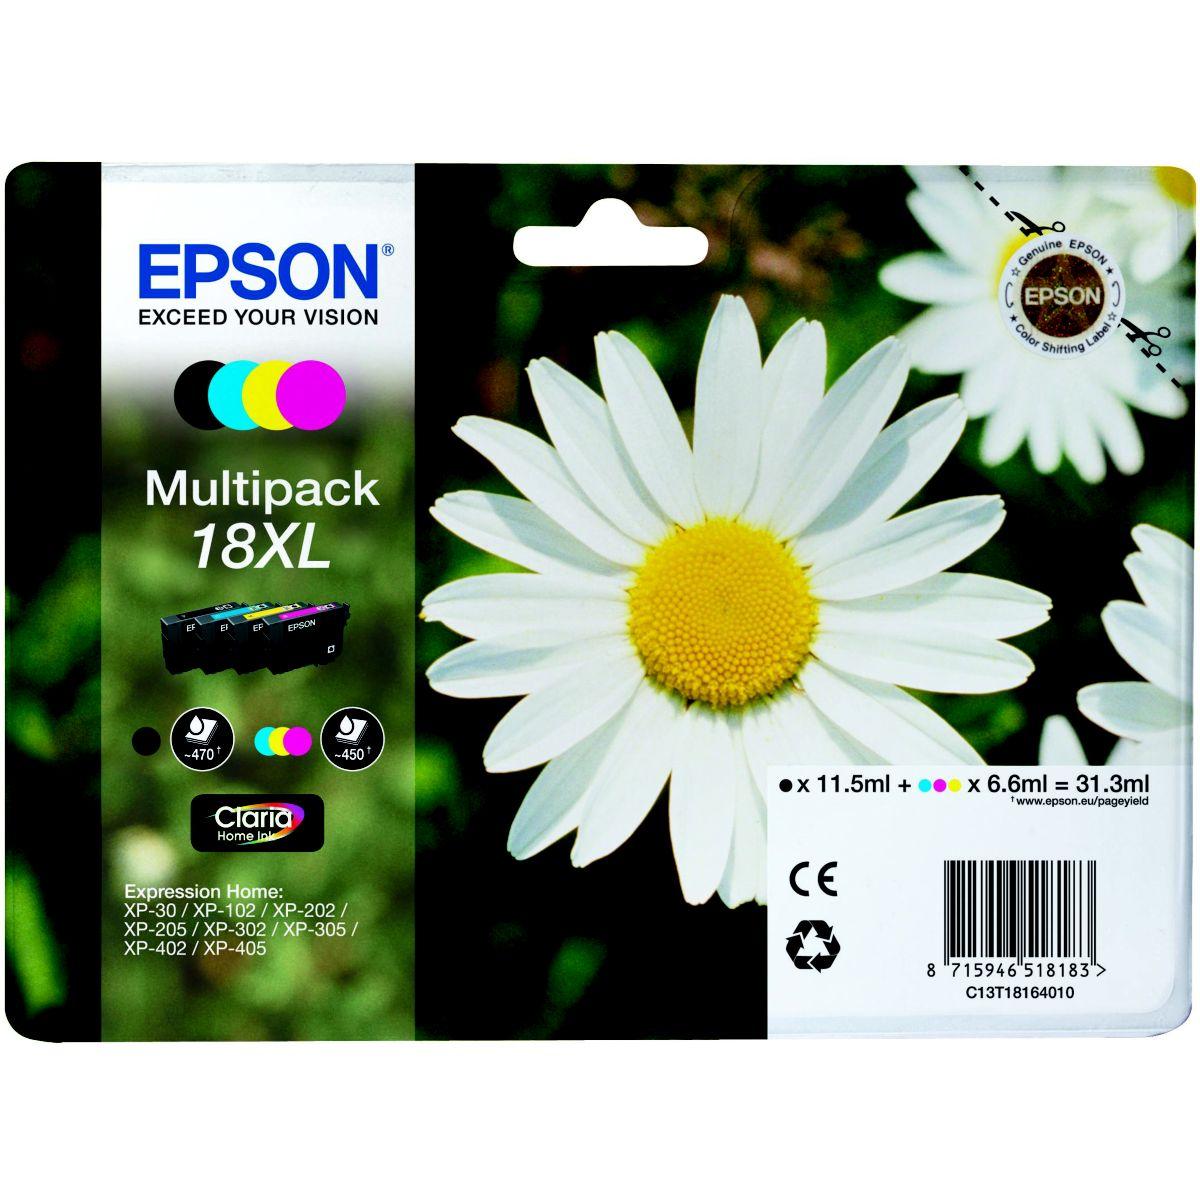 Multipack cartouches d'encre EPSON Pack 4CL XL série Paquerette